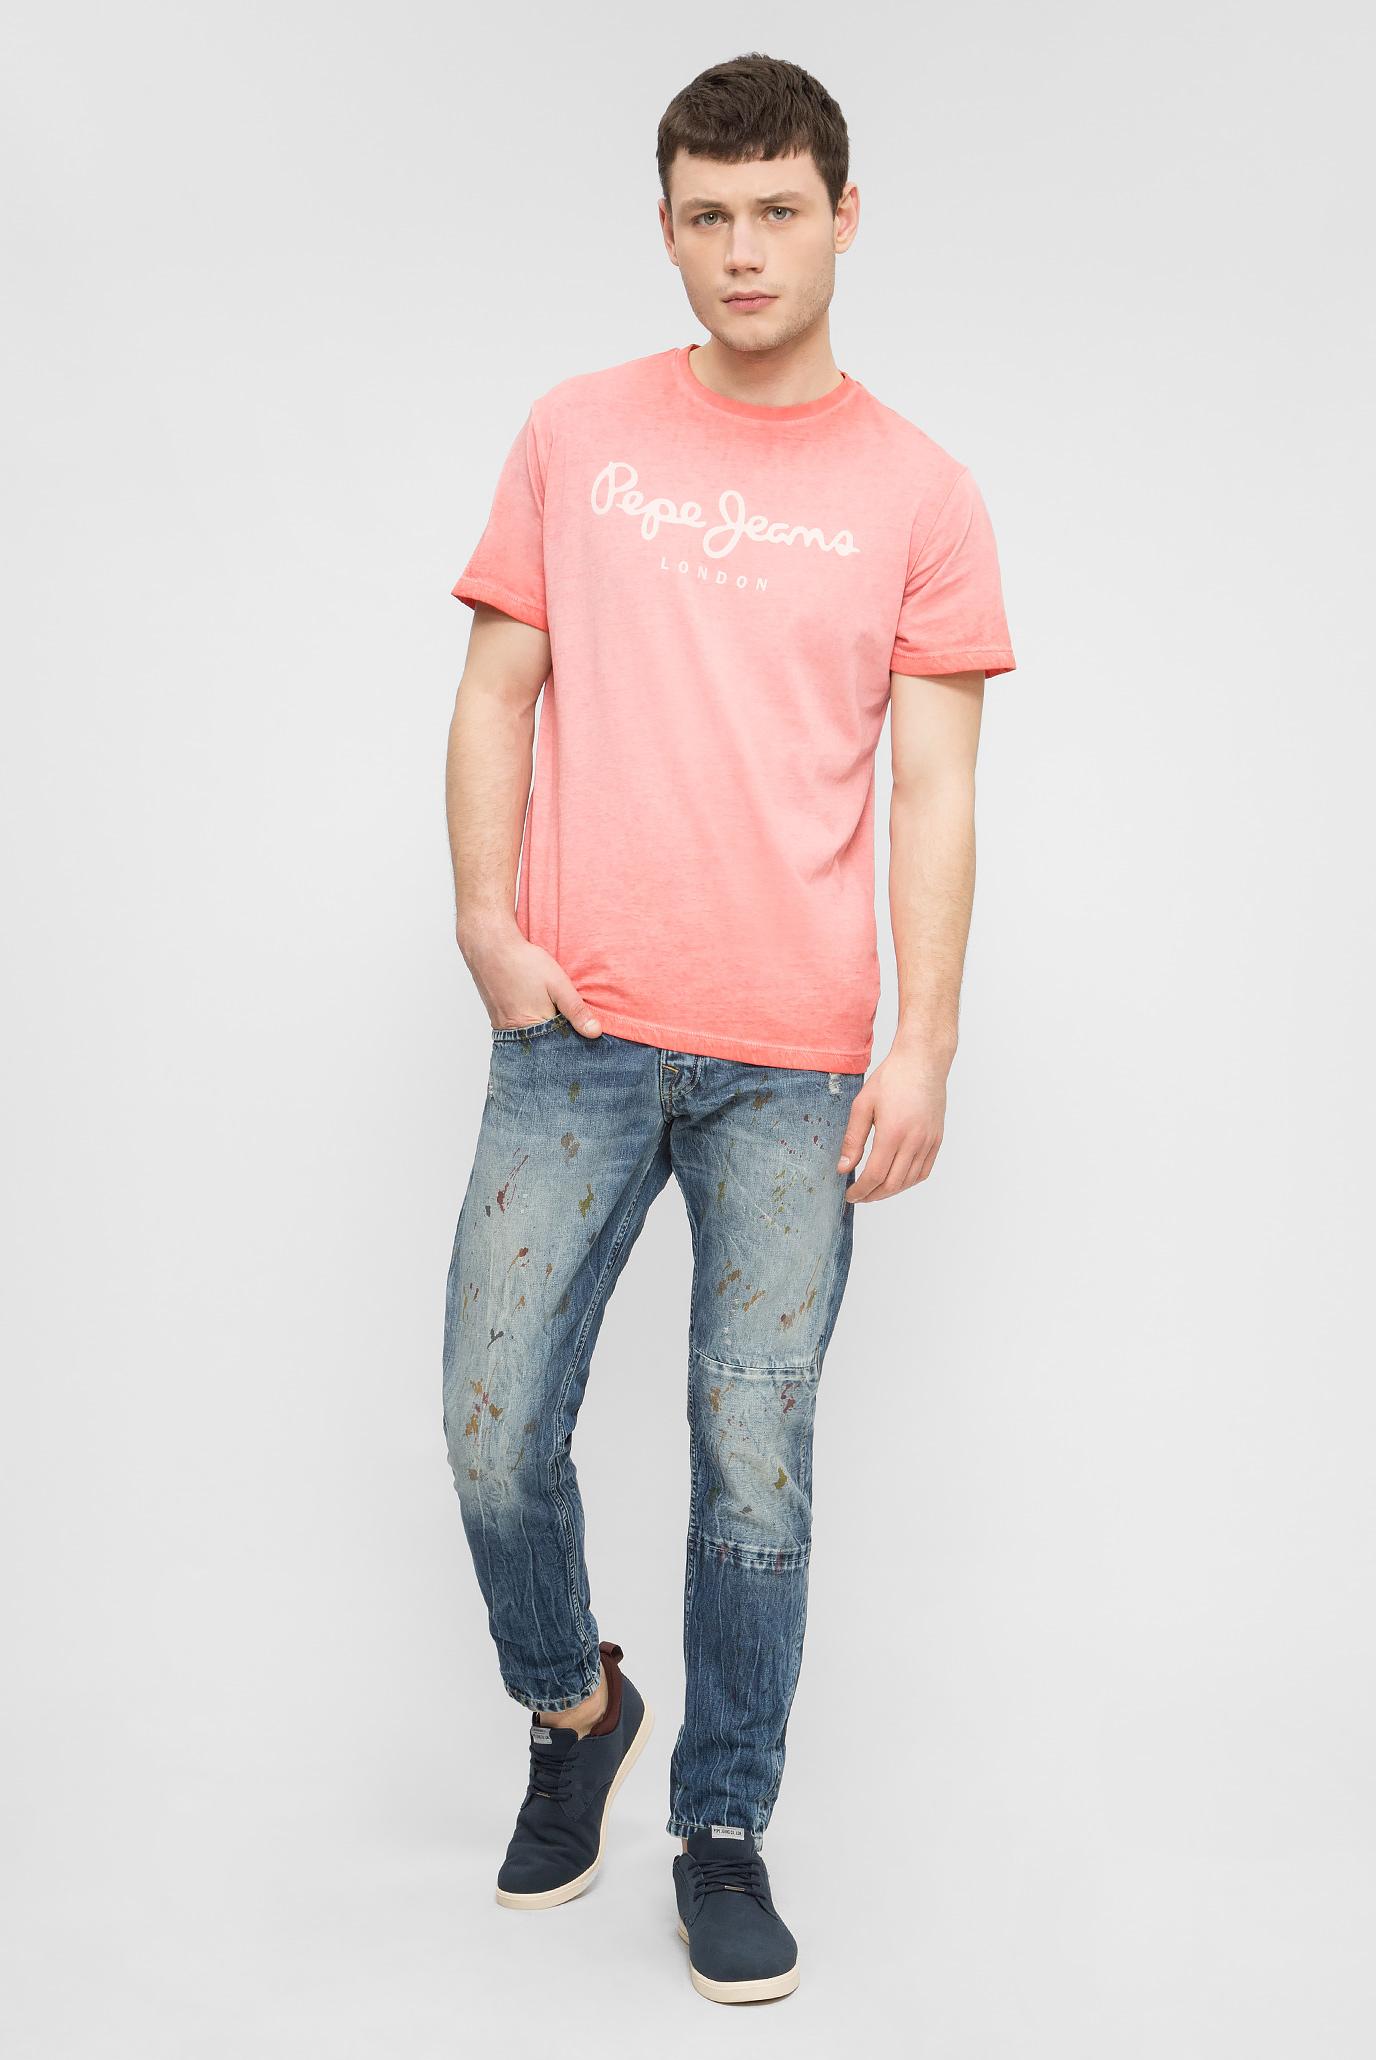 Купить Мужские синие джинсы KOLT PAINT Pepe Jeans Pepe Jeans PM2024290 – Киев, Украина. Цены в интернет магазине MD Fashion